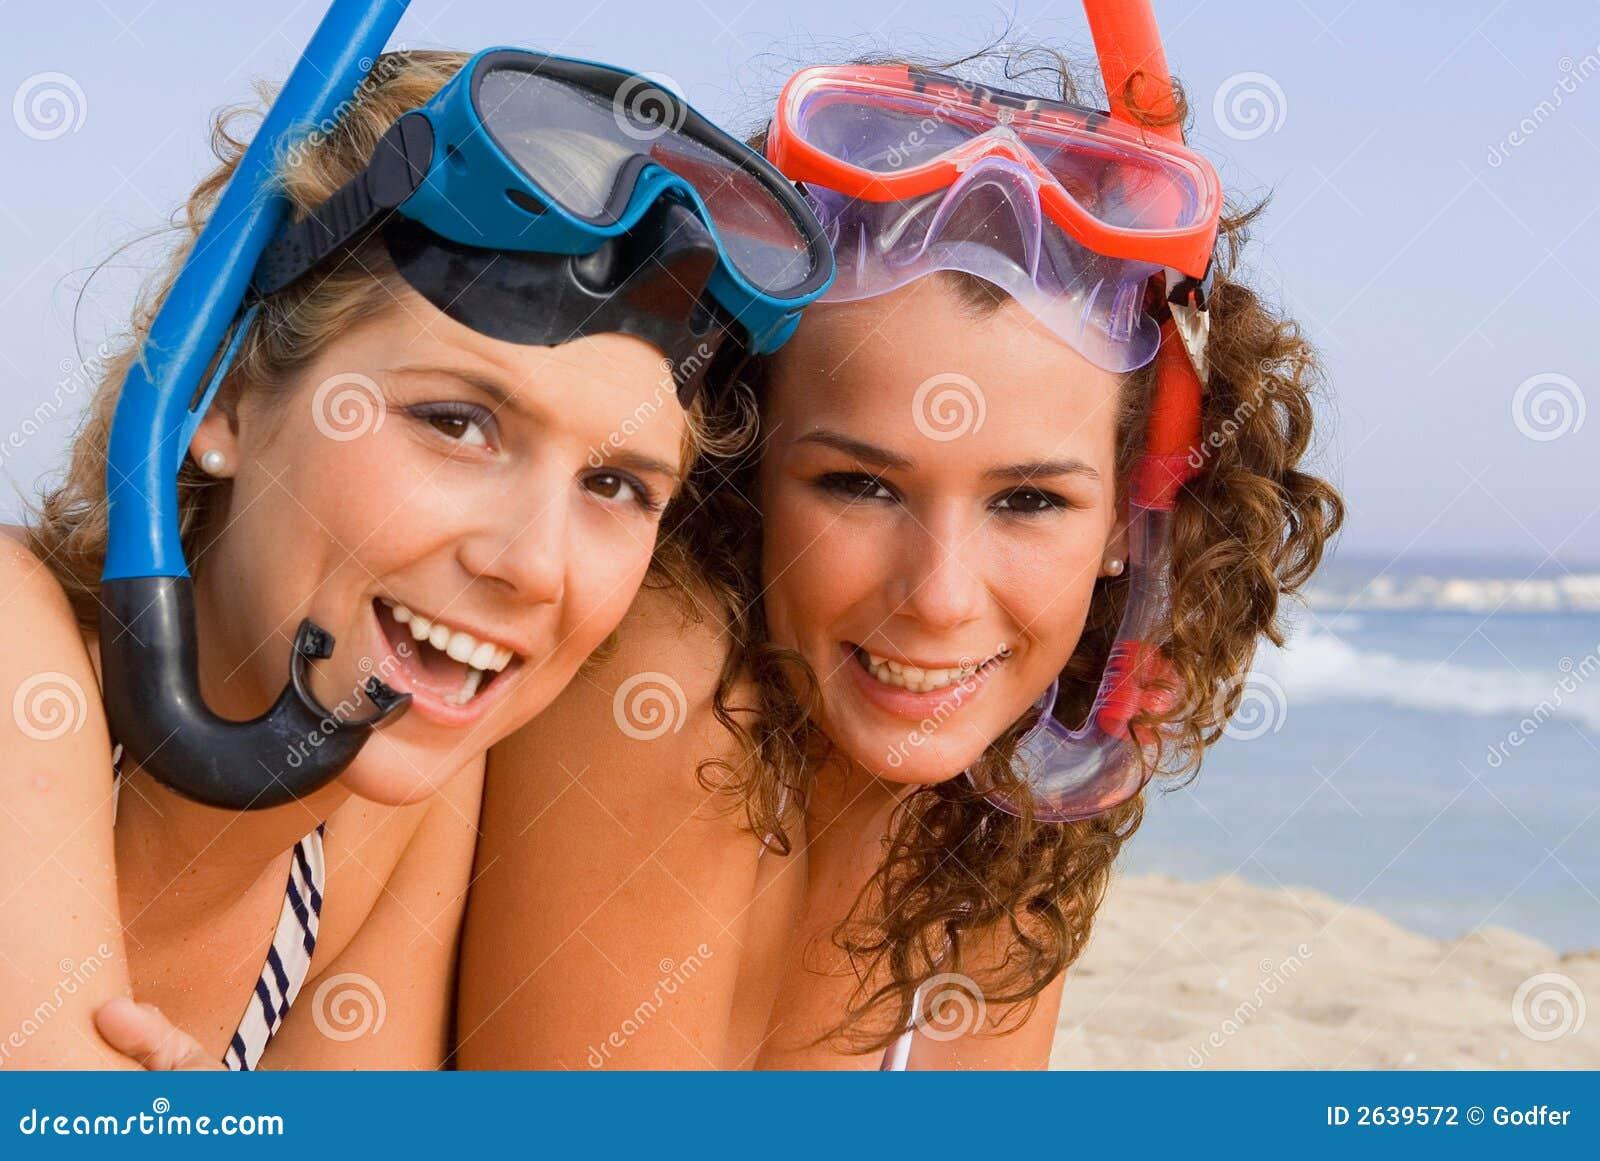 Diversión el vacaciones de la playa del verano